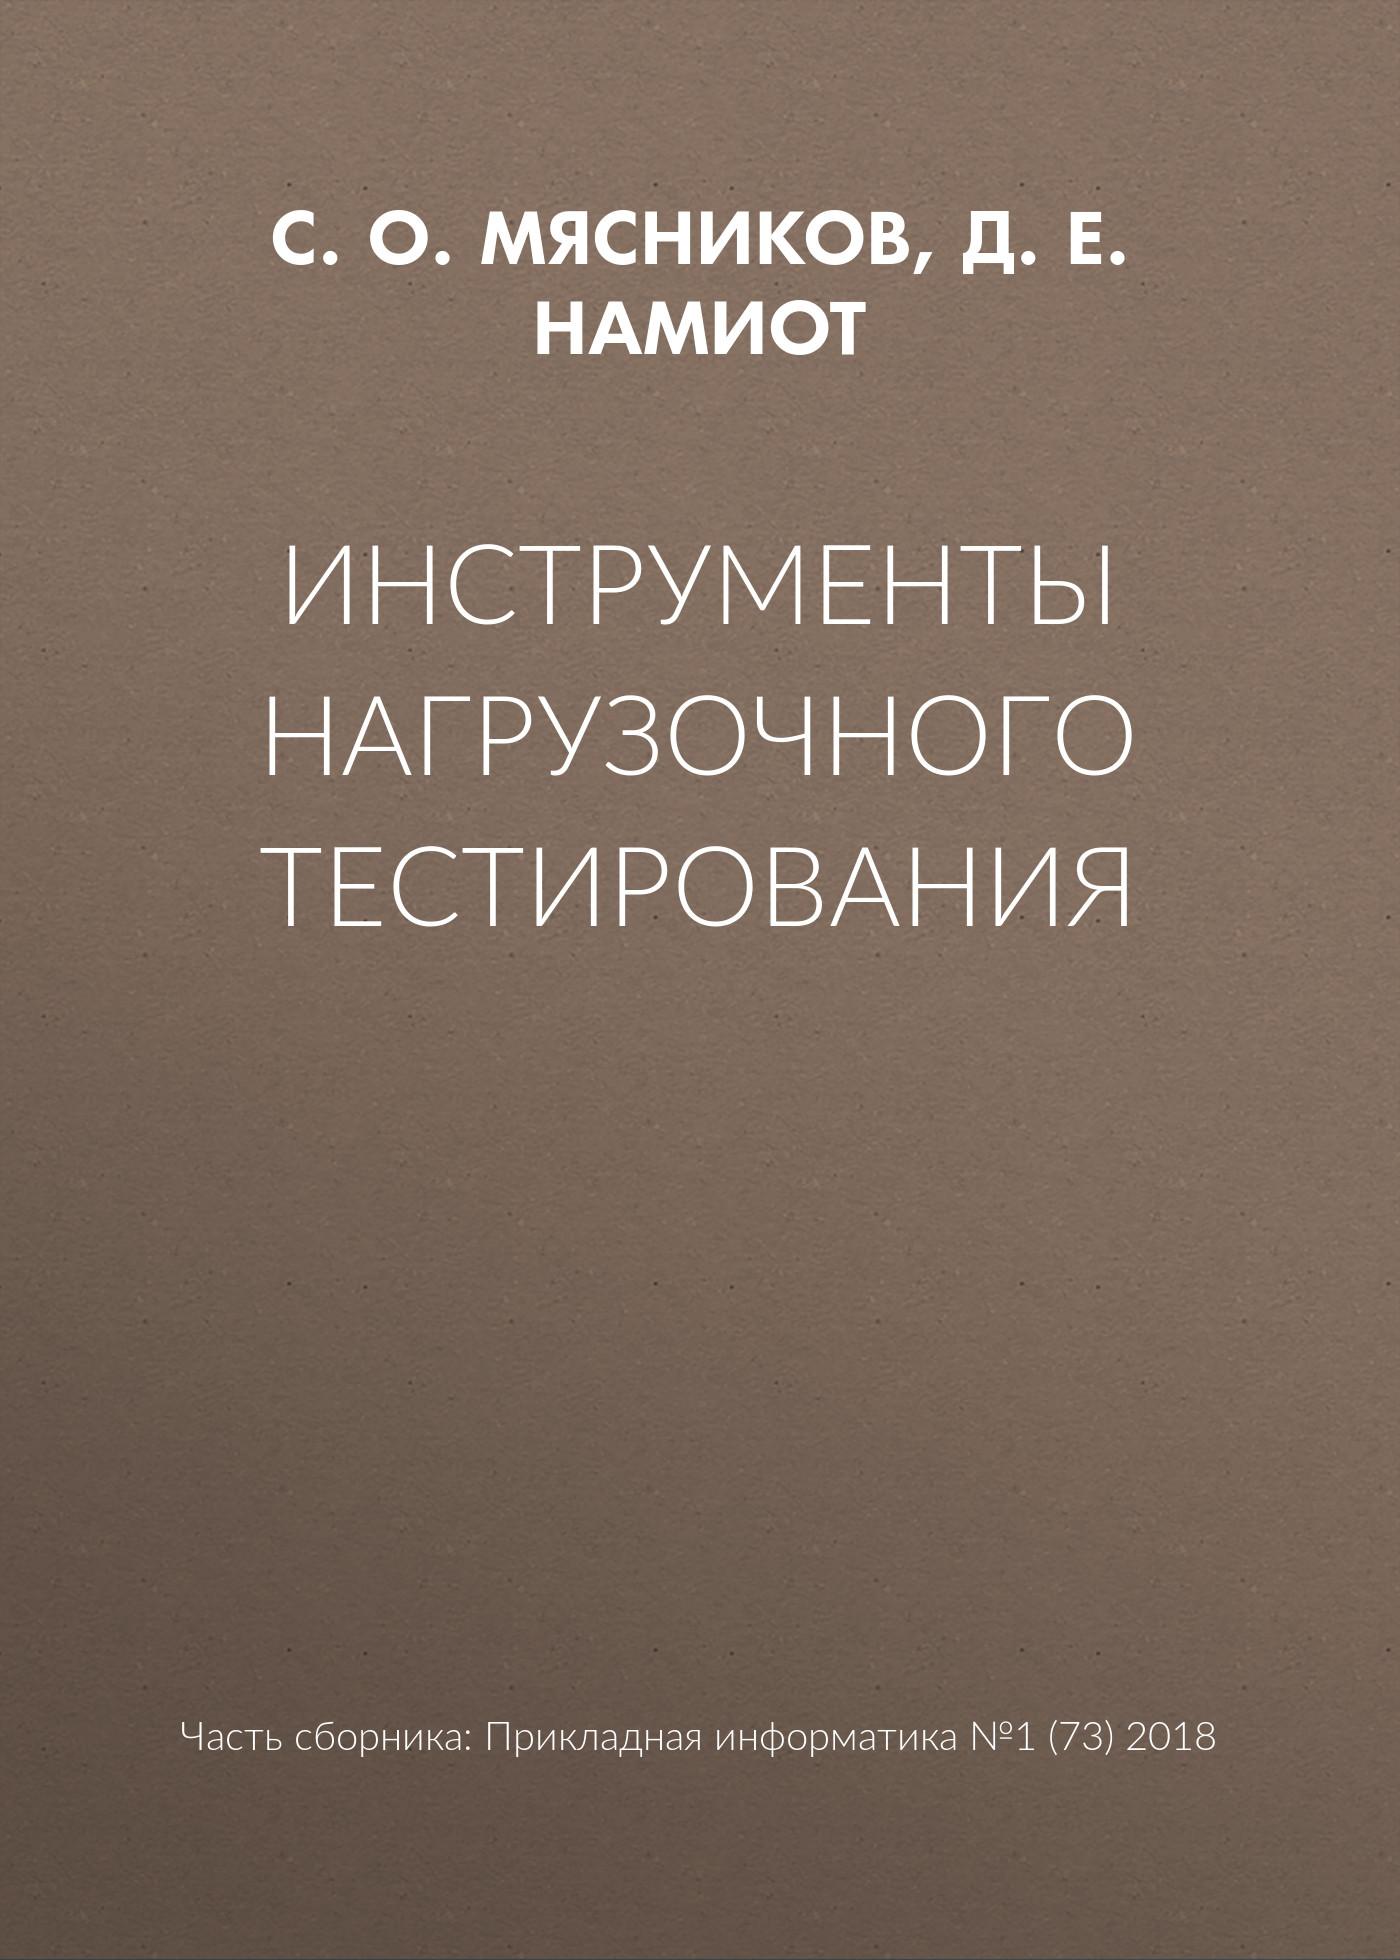 Д. Е. Намиот Инструменты нагрузочного тестирования